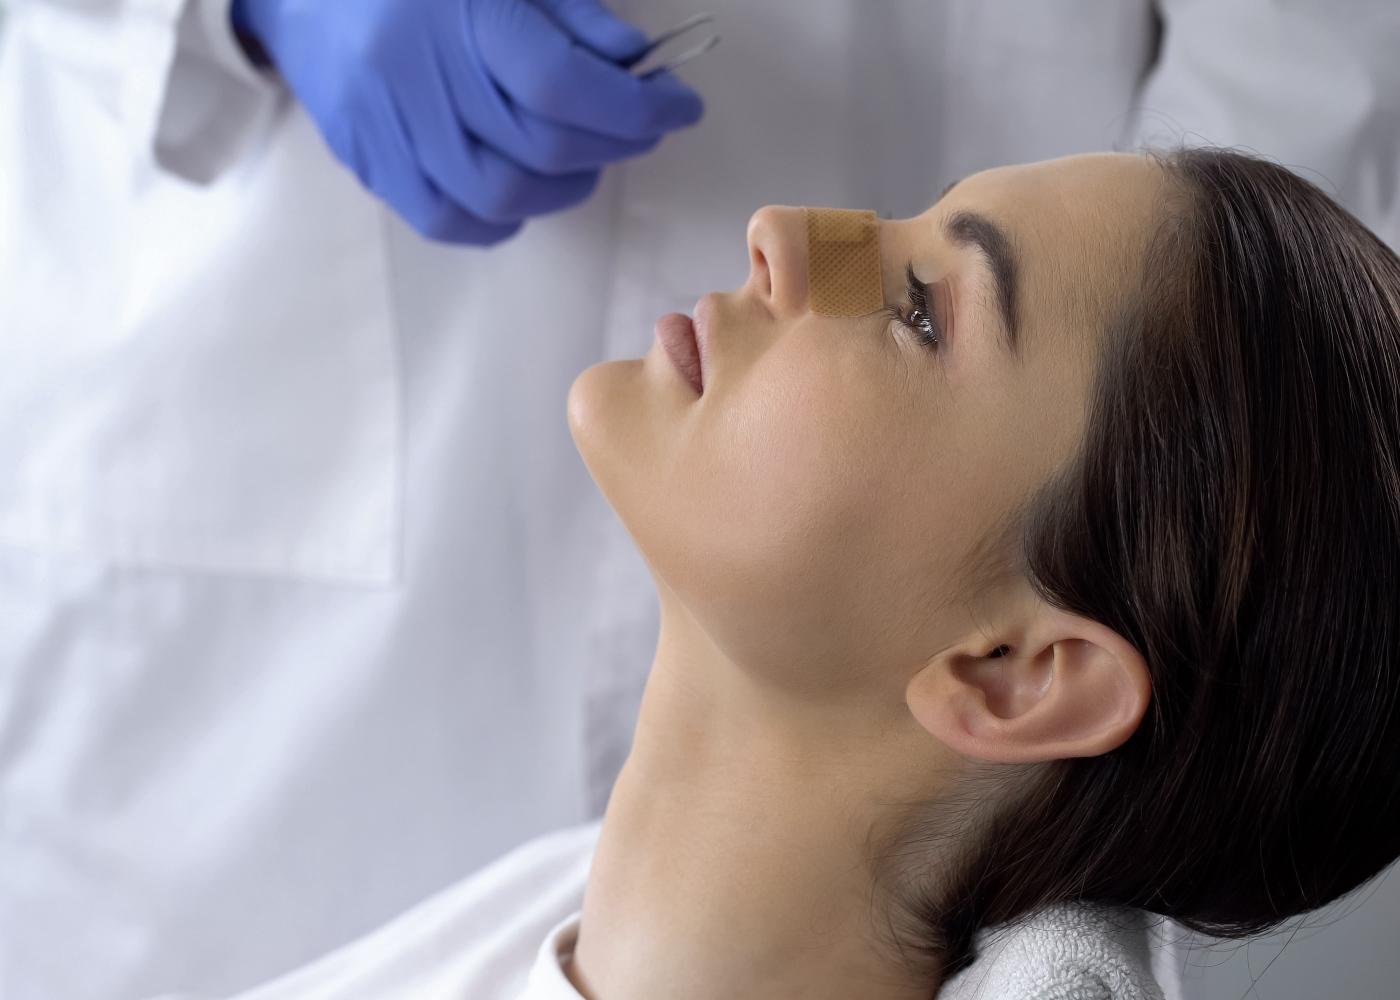 Mulher a fazer curativo após ter feito cirurgia nasal